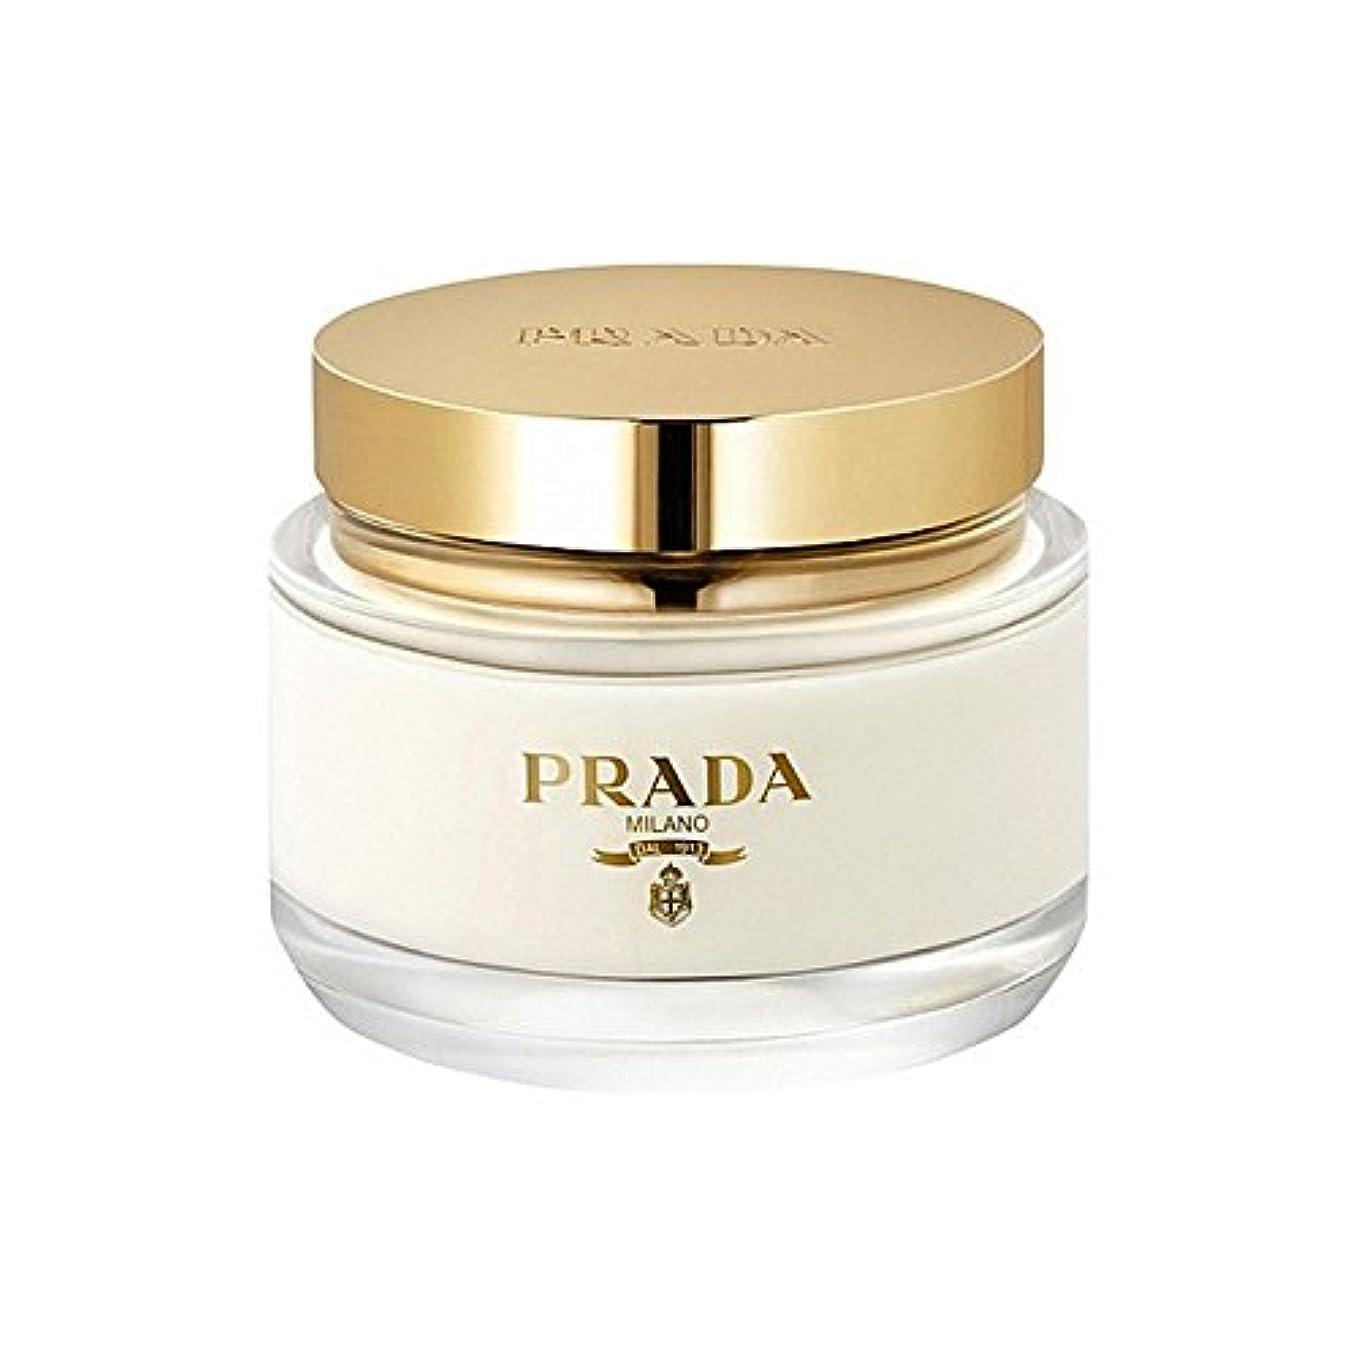 修復変える悔い改めPrada La Femme Body Cream 200ml (Pack of 6) - プラダラファムボディクリーム200ミリリットル x6 [並行輸入品]